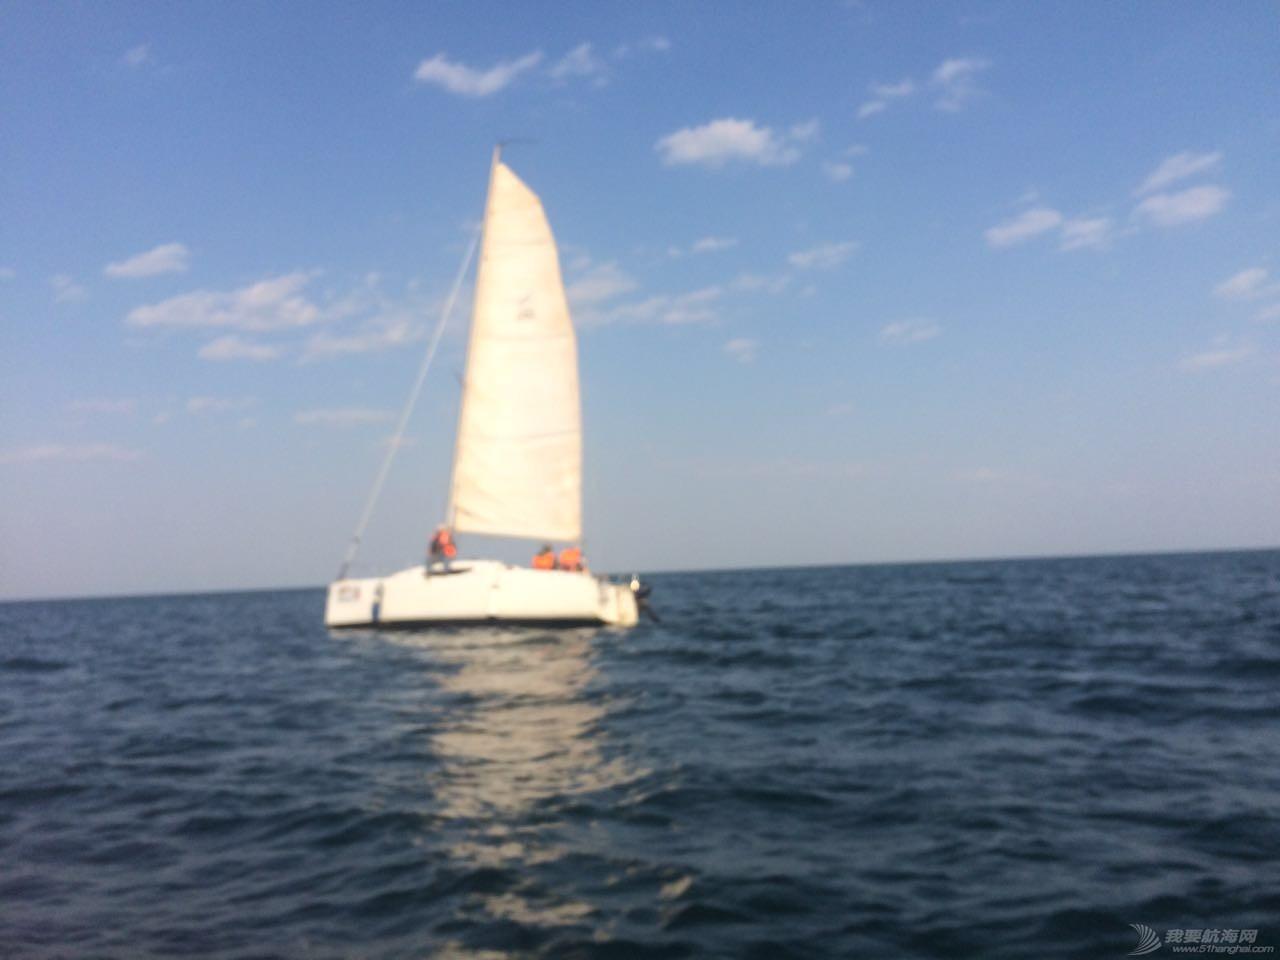 日照,东方太阳城,青年旅舍,金沙滩,artist 杨帆日照公益航海,让梦想起航